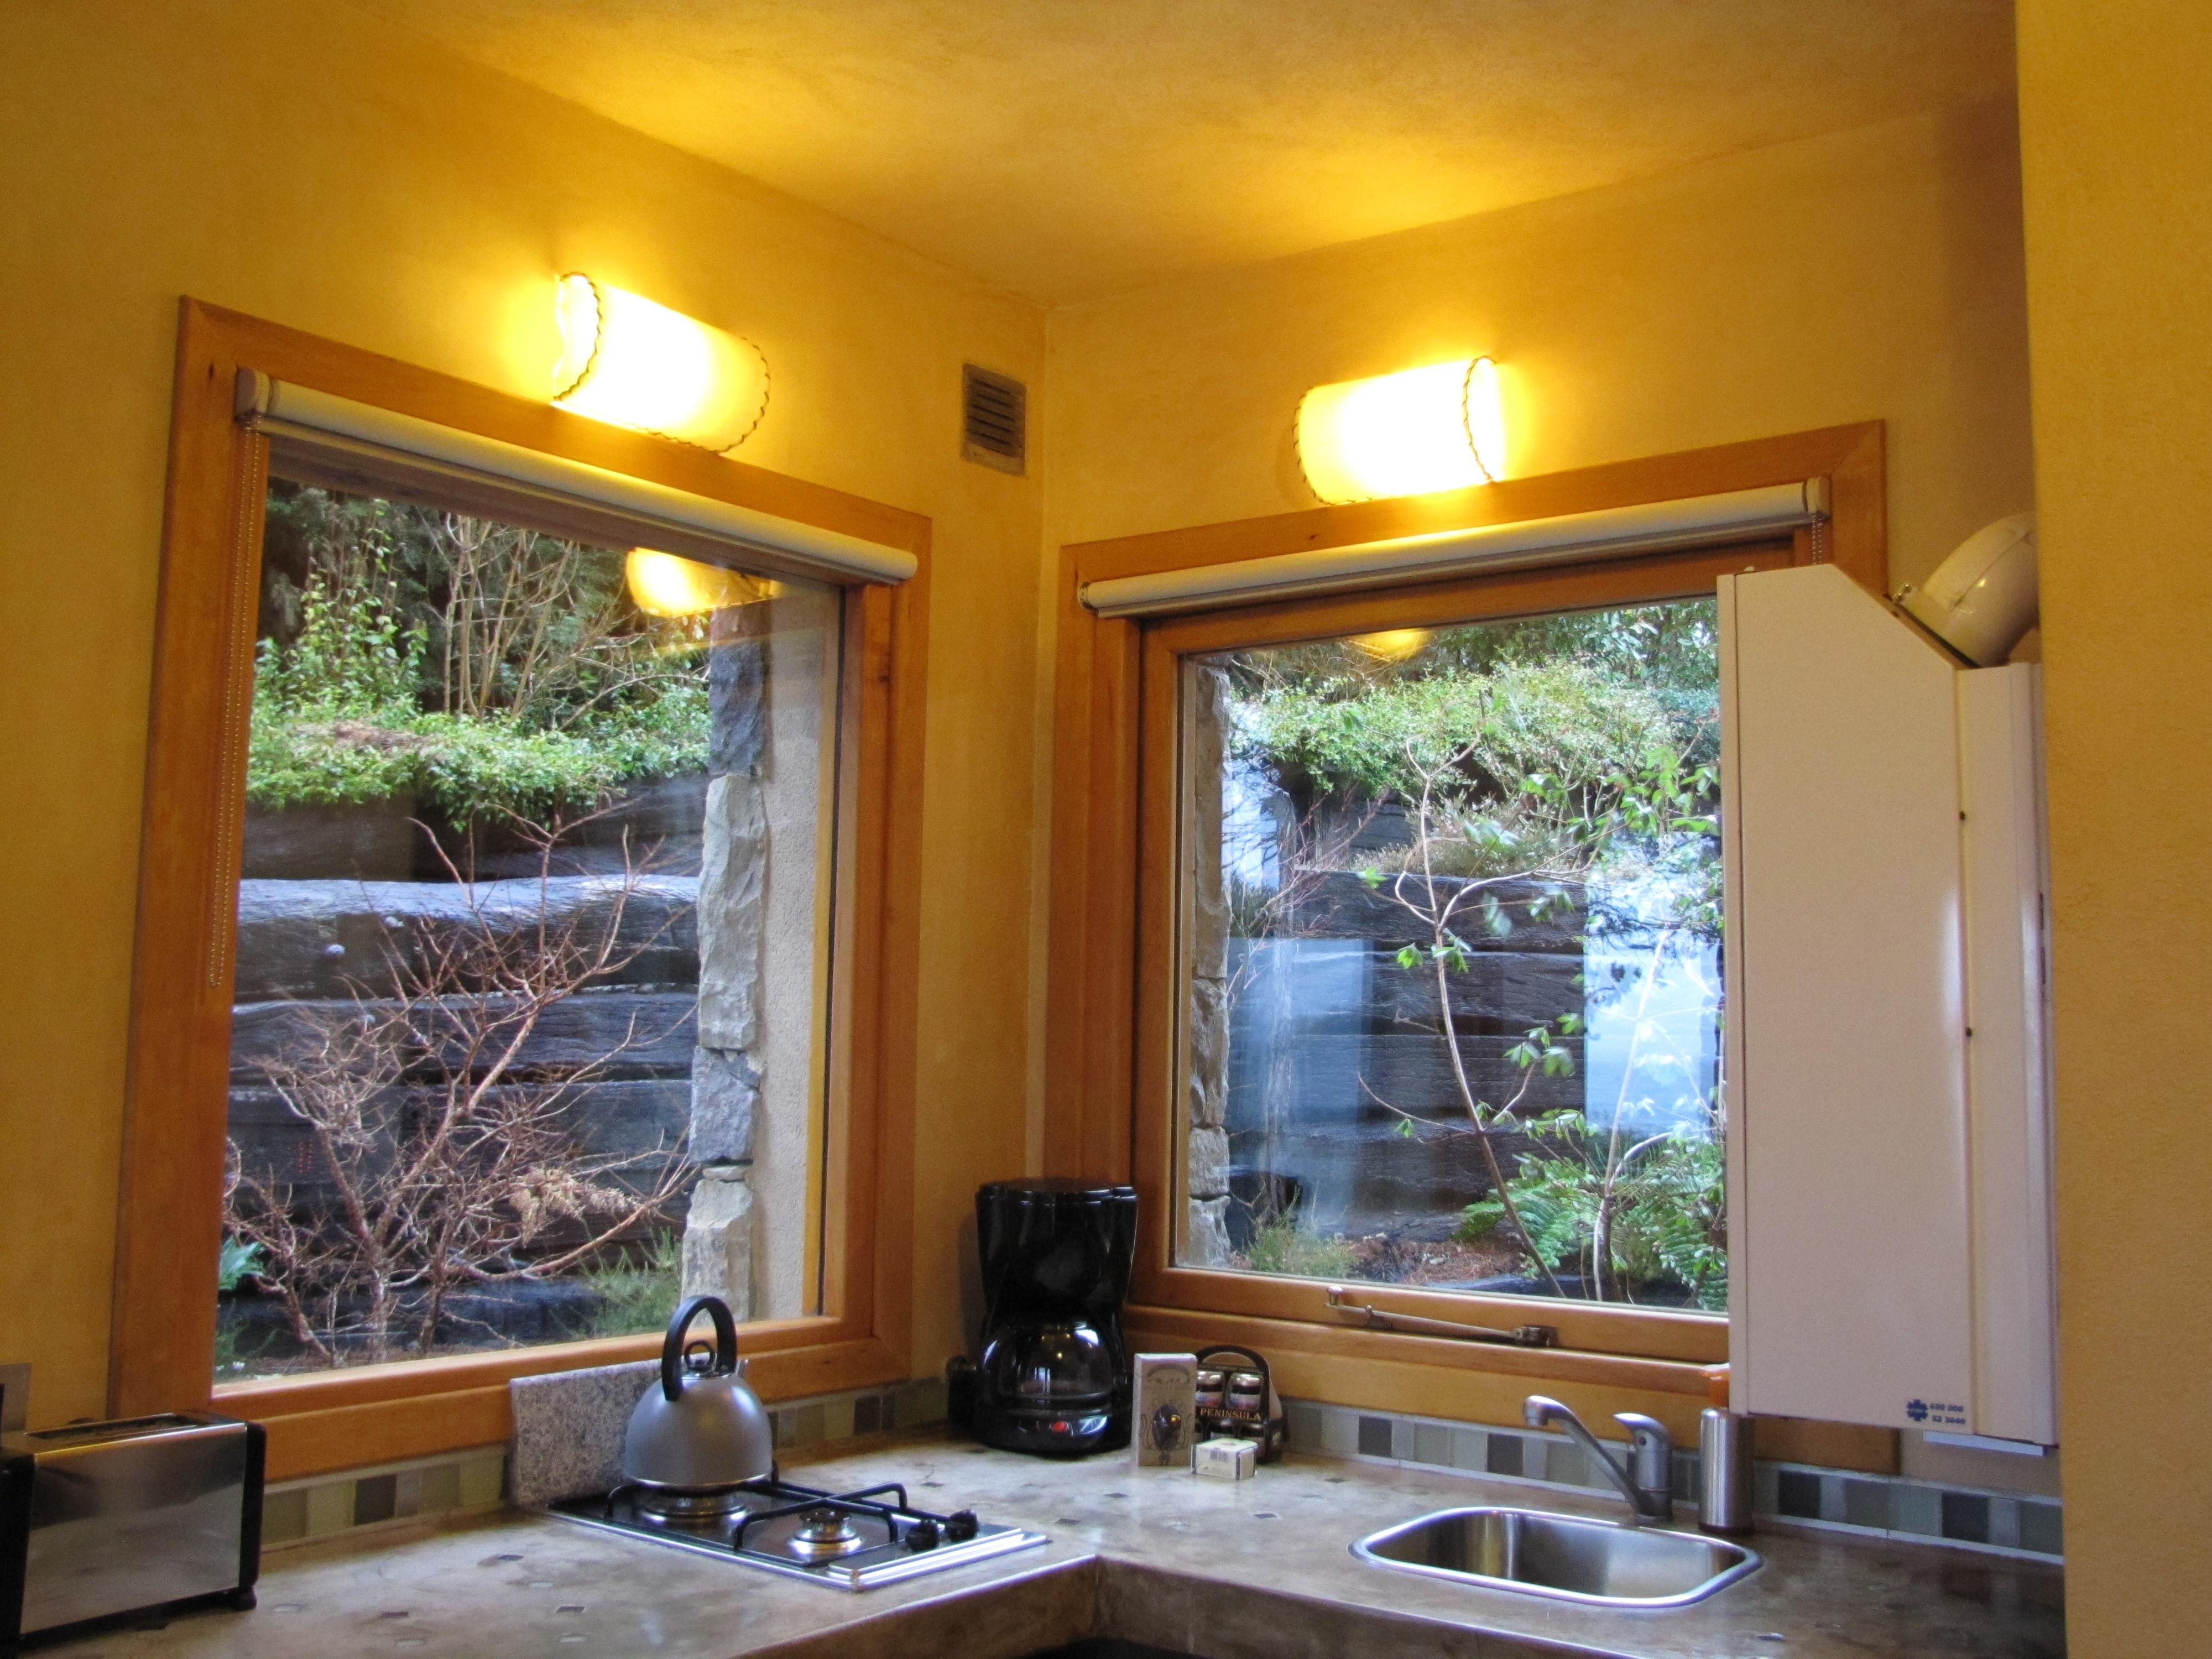 Hotel Lirolay em Bariloche – uma cabana de montanha para chamar de